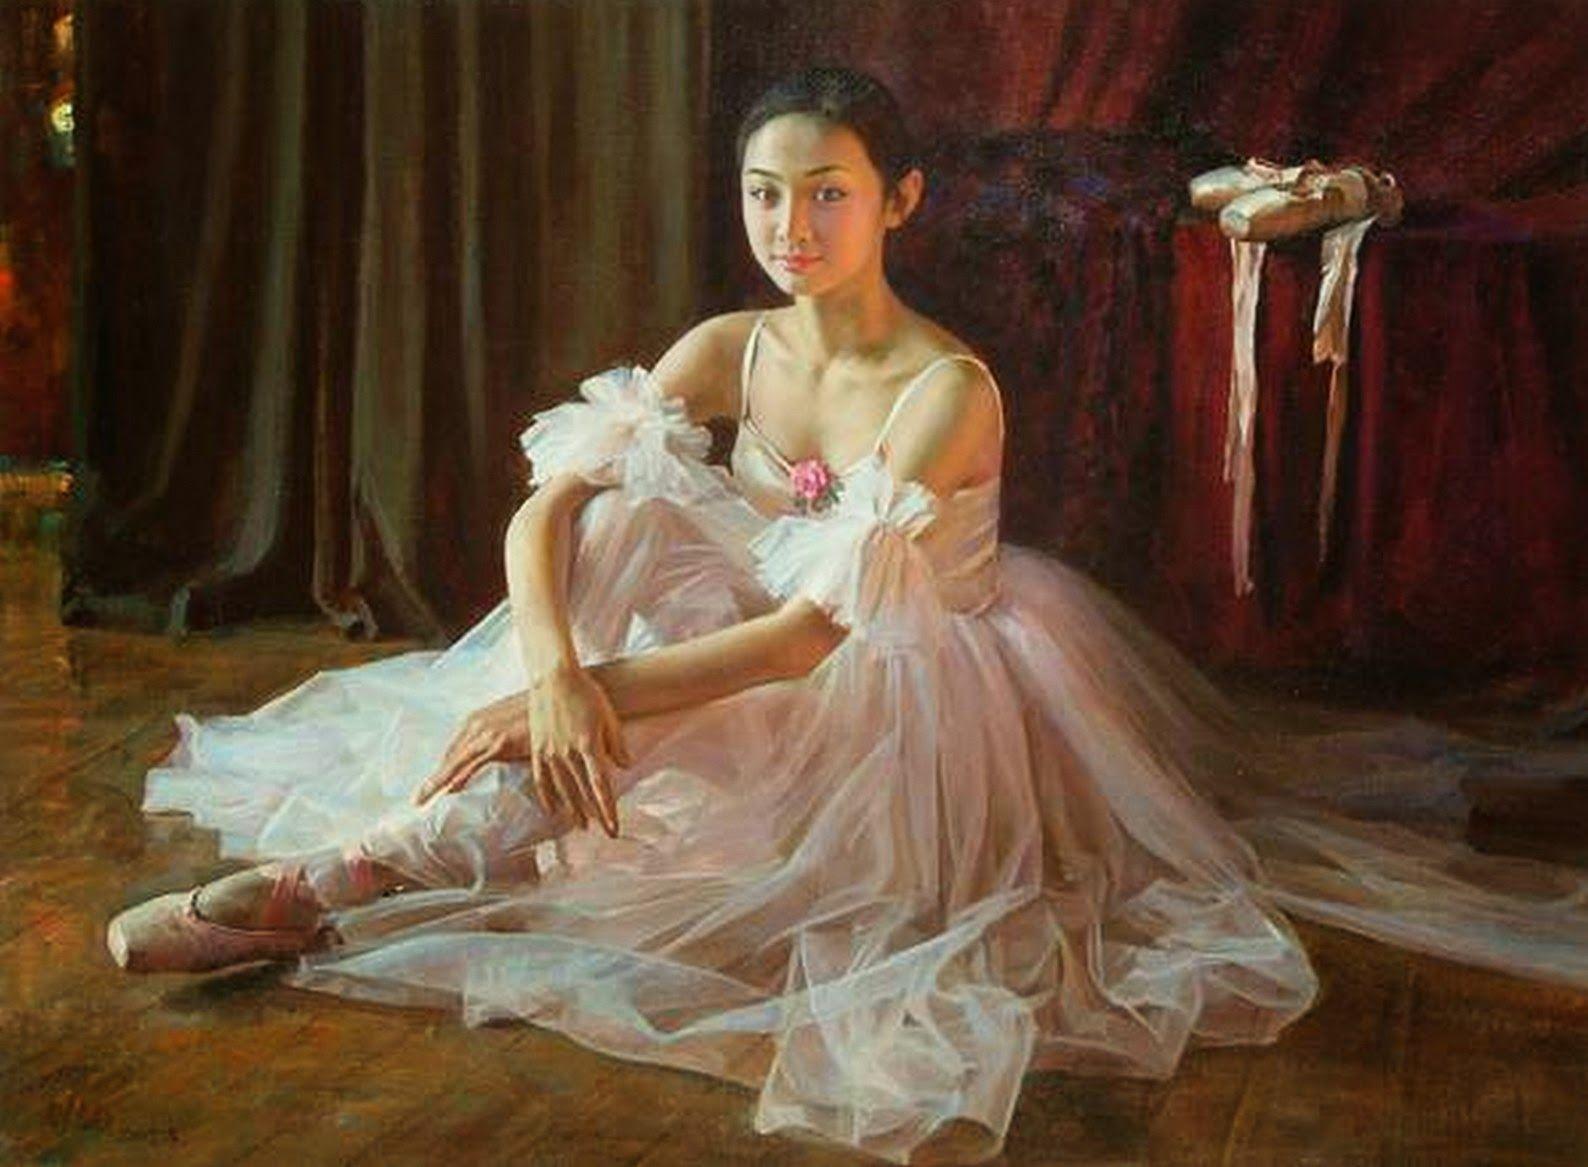 Cuadros infantiles bailarinas ballet 3 jpg 1588 1167 - Cuadros bailarinas infantiles ...